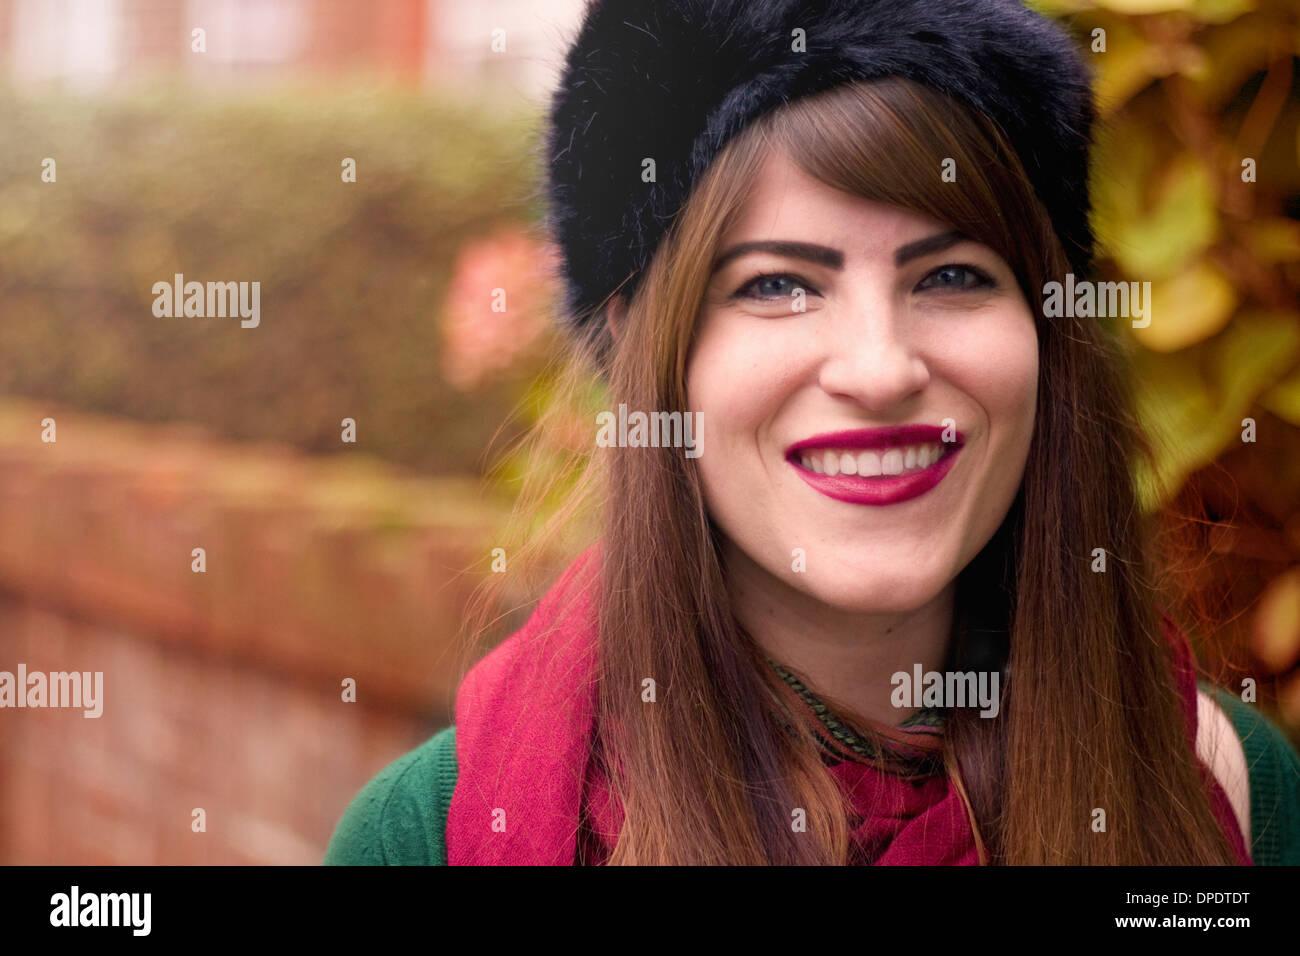 Retrato de joven mujer vistiendo ropa de invierno Imagen De Stock